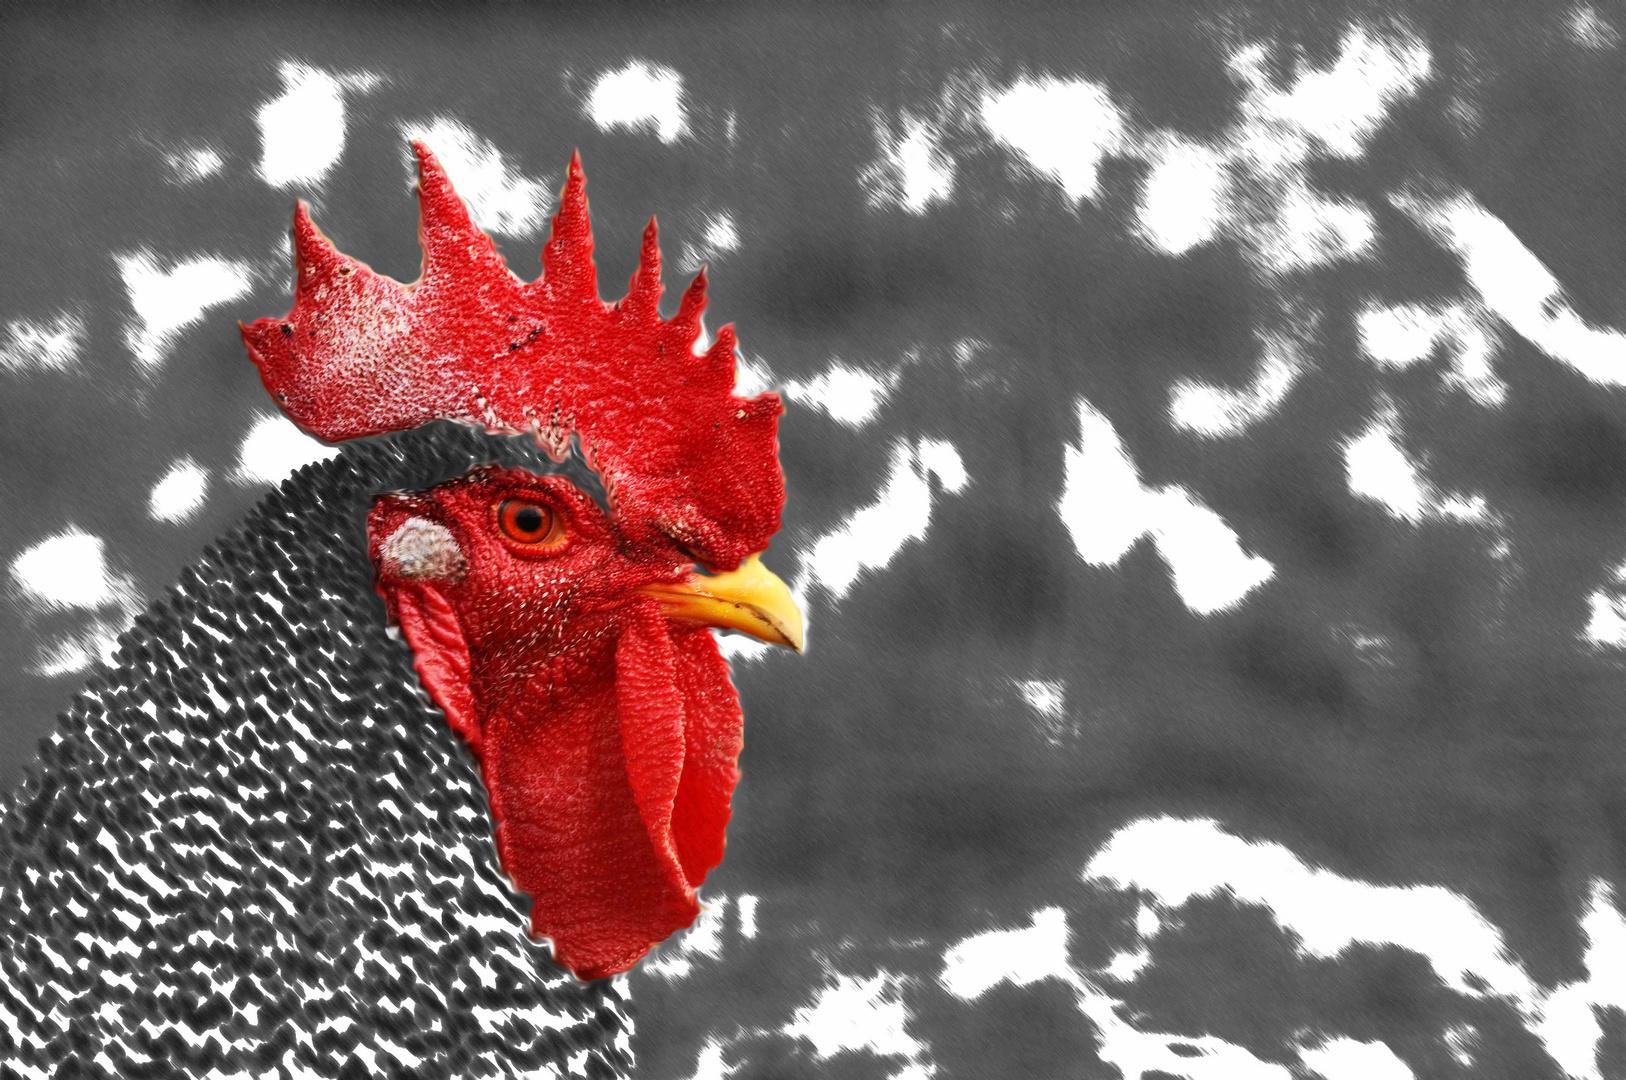 Der Kamm vom Hahn